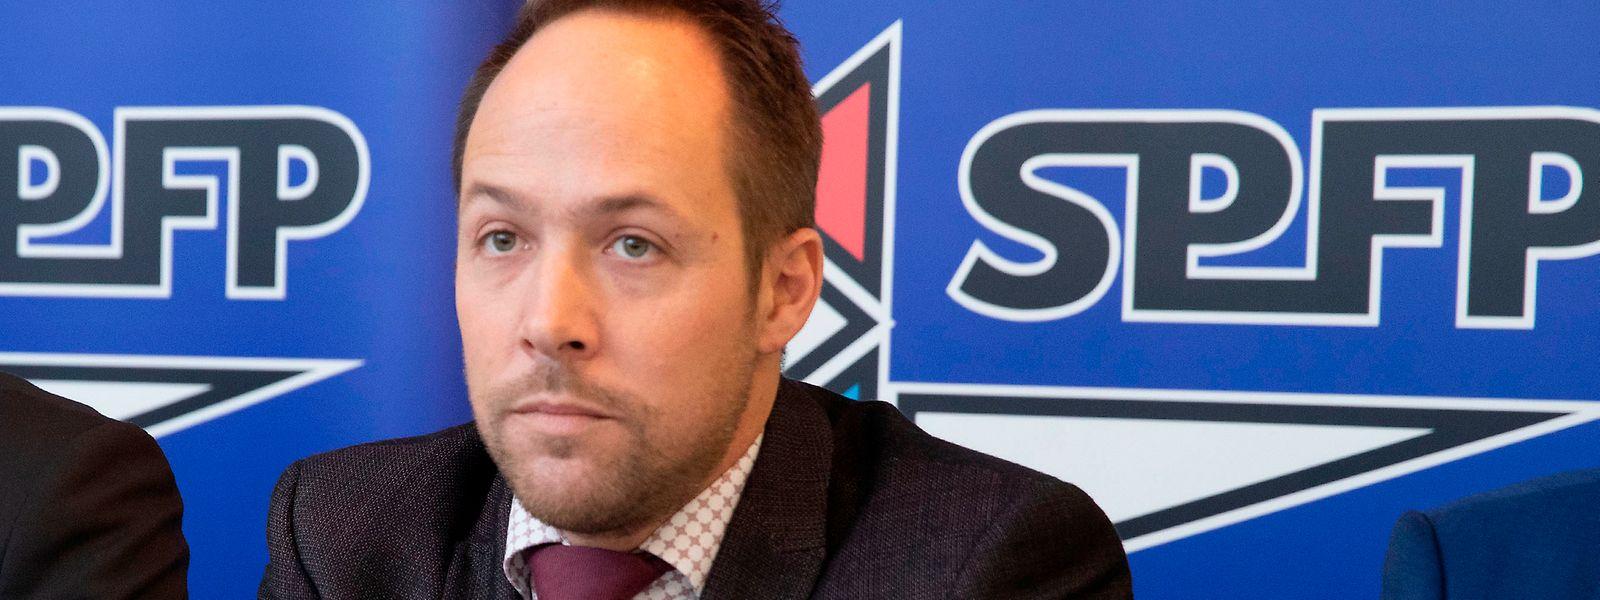 Obwohl Christian Schleck nicht versetzt wird, ist der Fall für die Gewerkschaft SPFP noch nicht abgeschlossen.